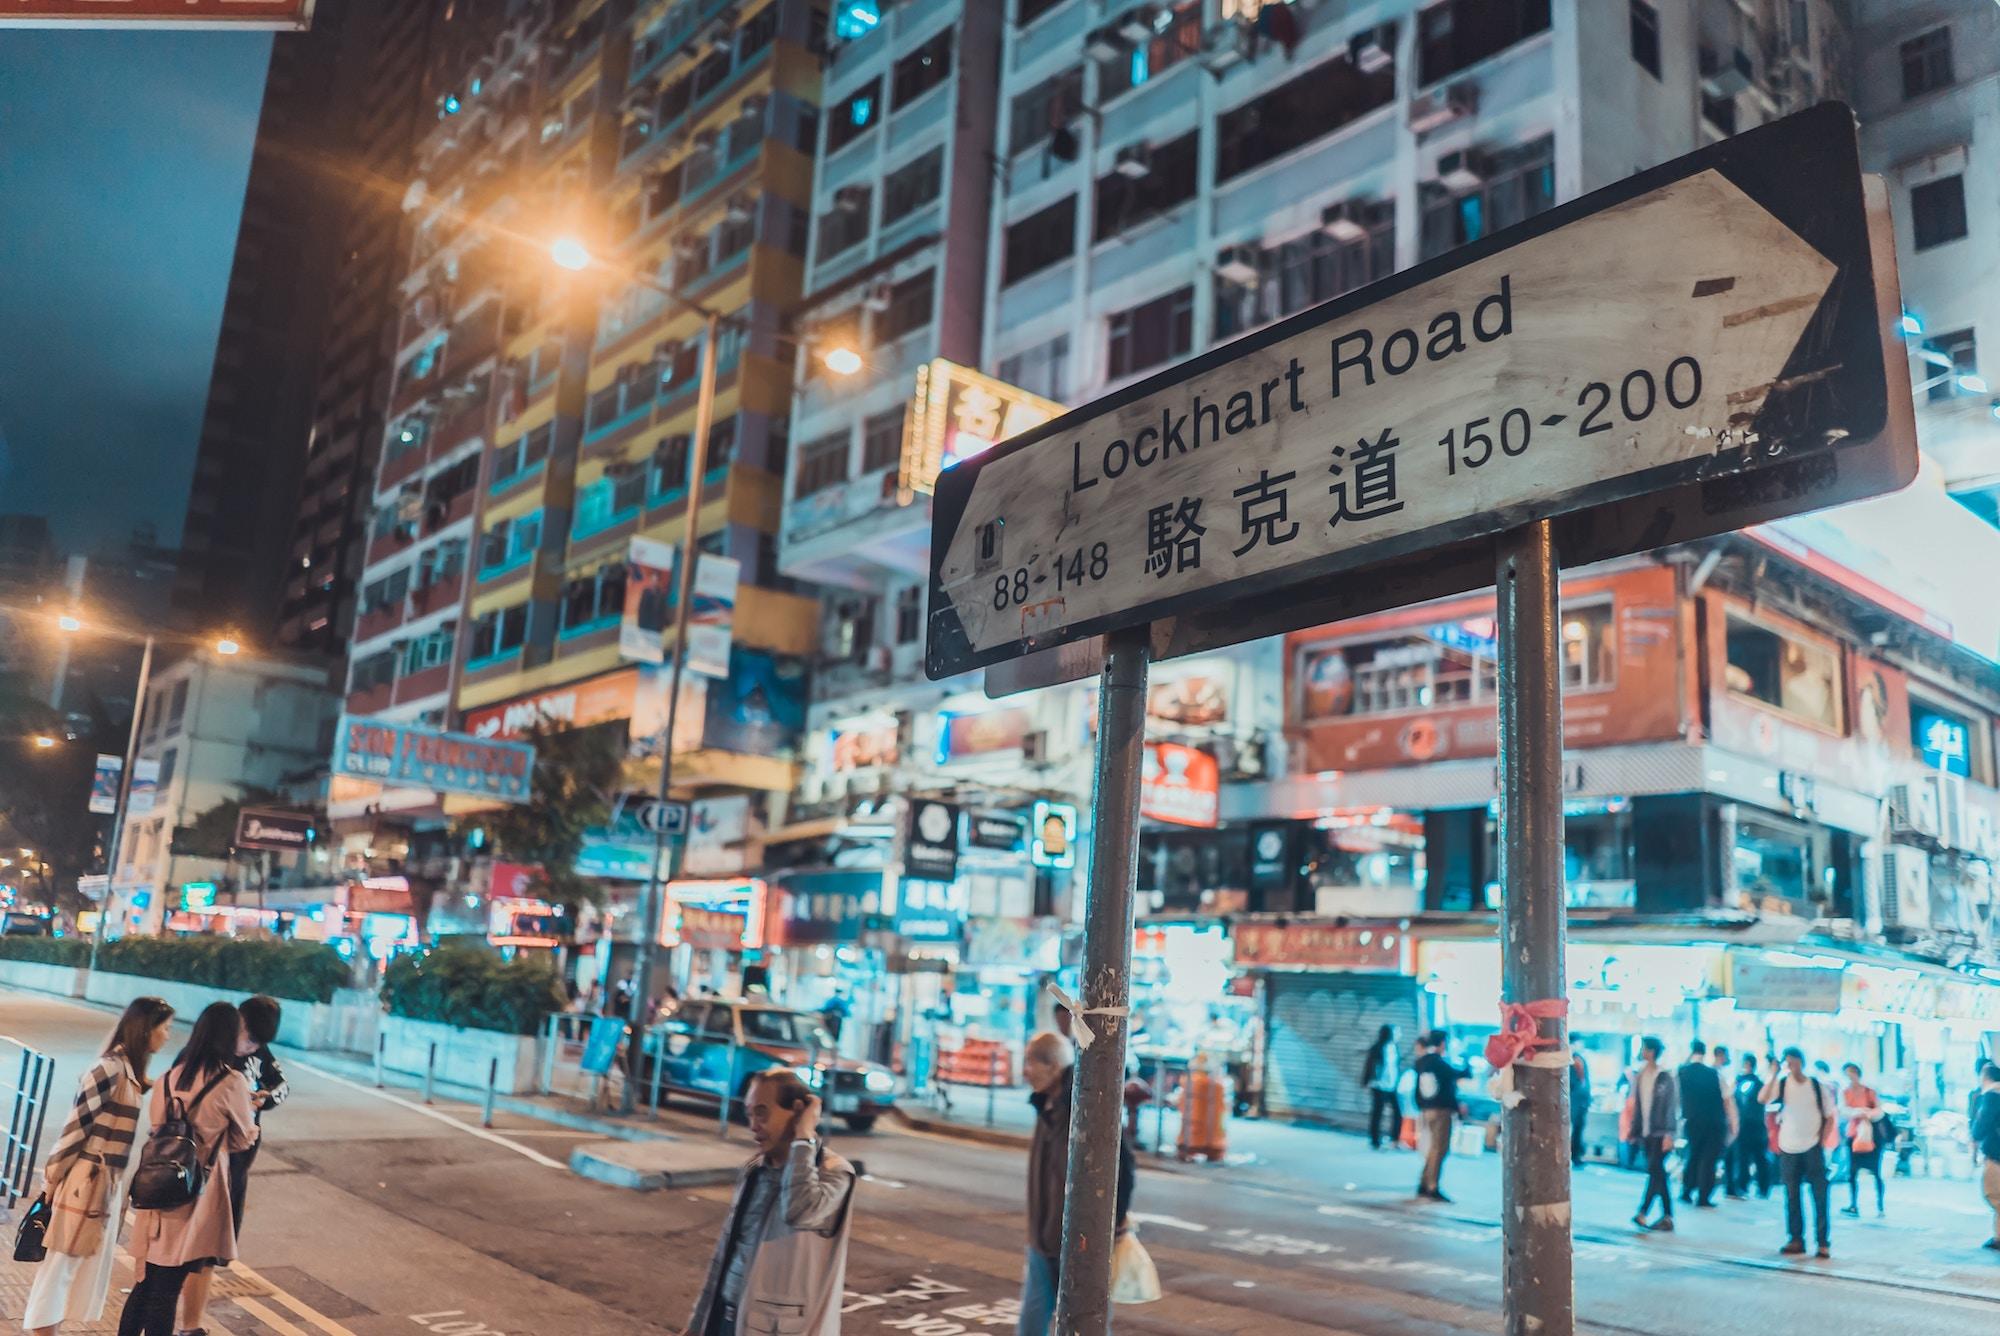 Міська навігація як ключовий елемент бренду міста